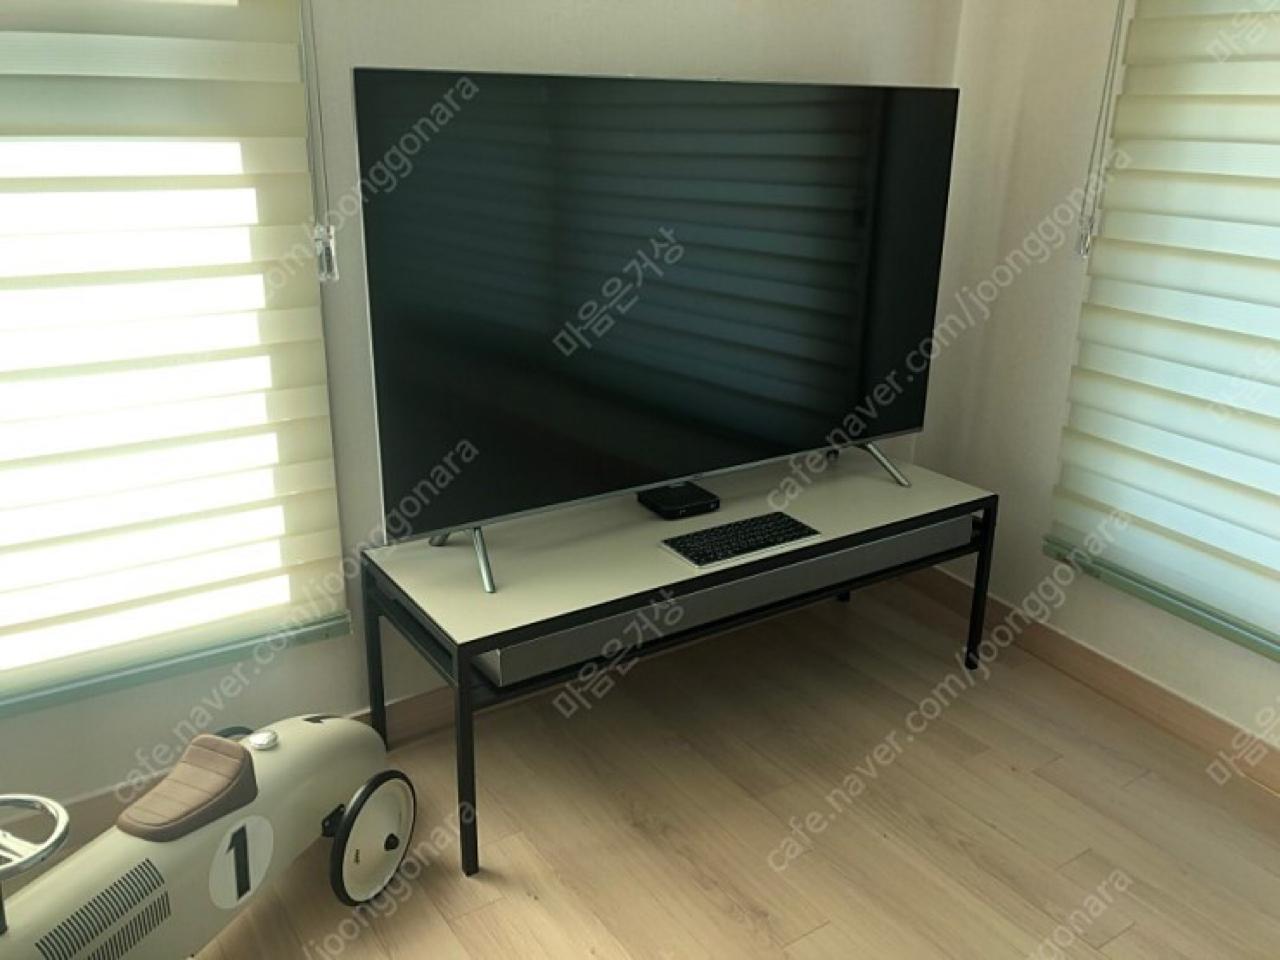 최신형!! 삼성 QLED 스마트TV 55inch 판매합니다!